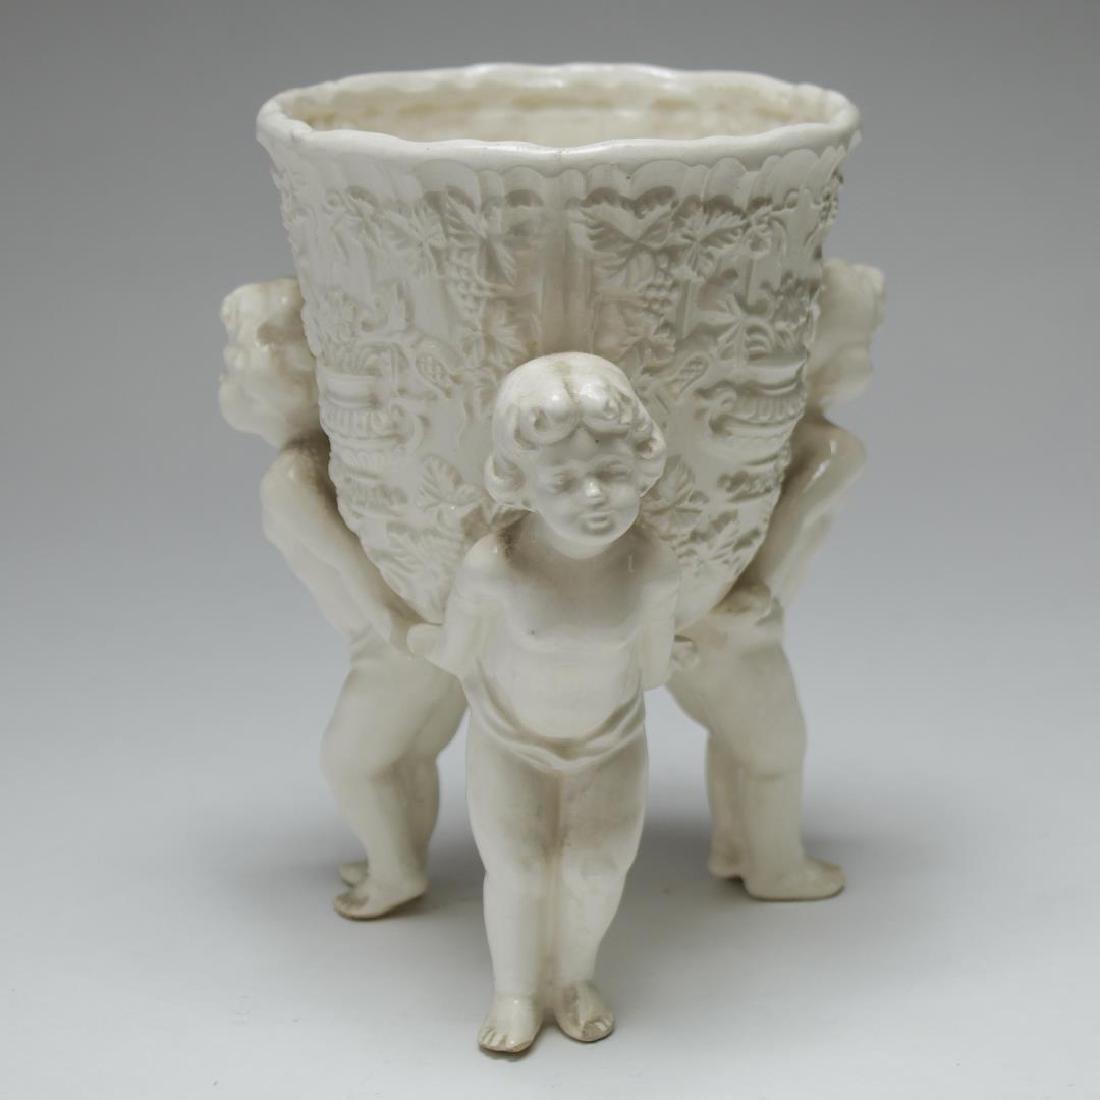 English & French White Porcelain Vases & Beaker - 3